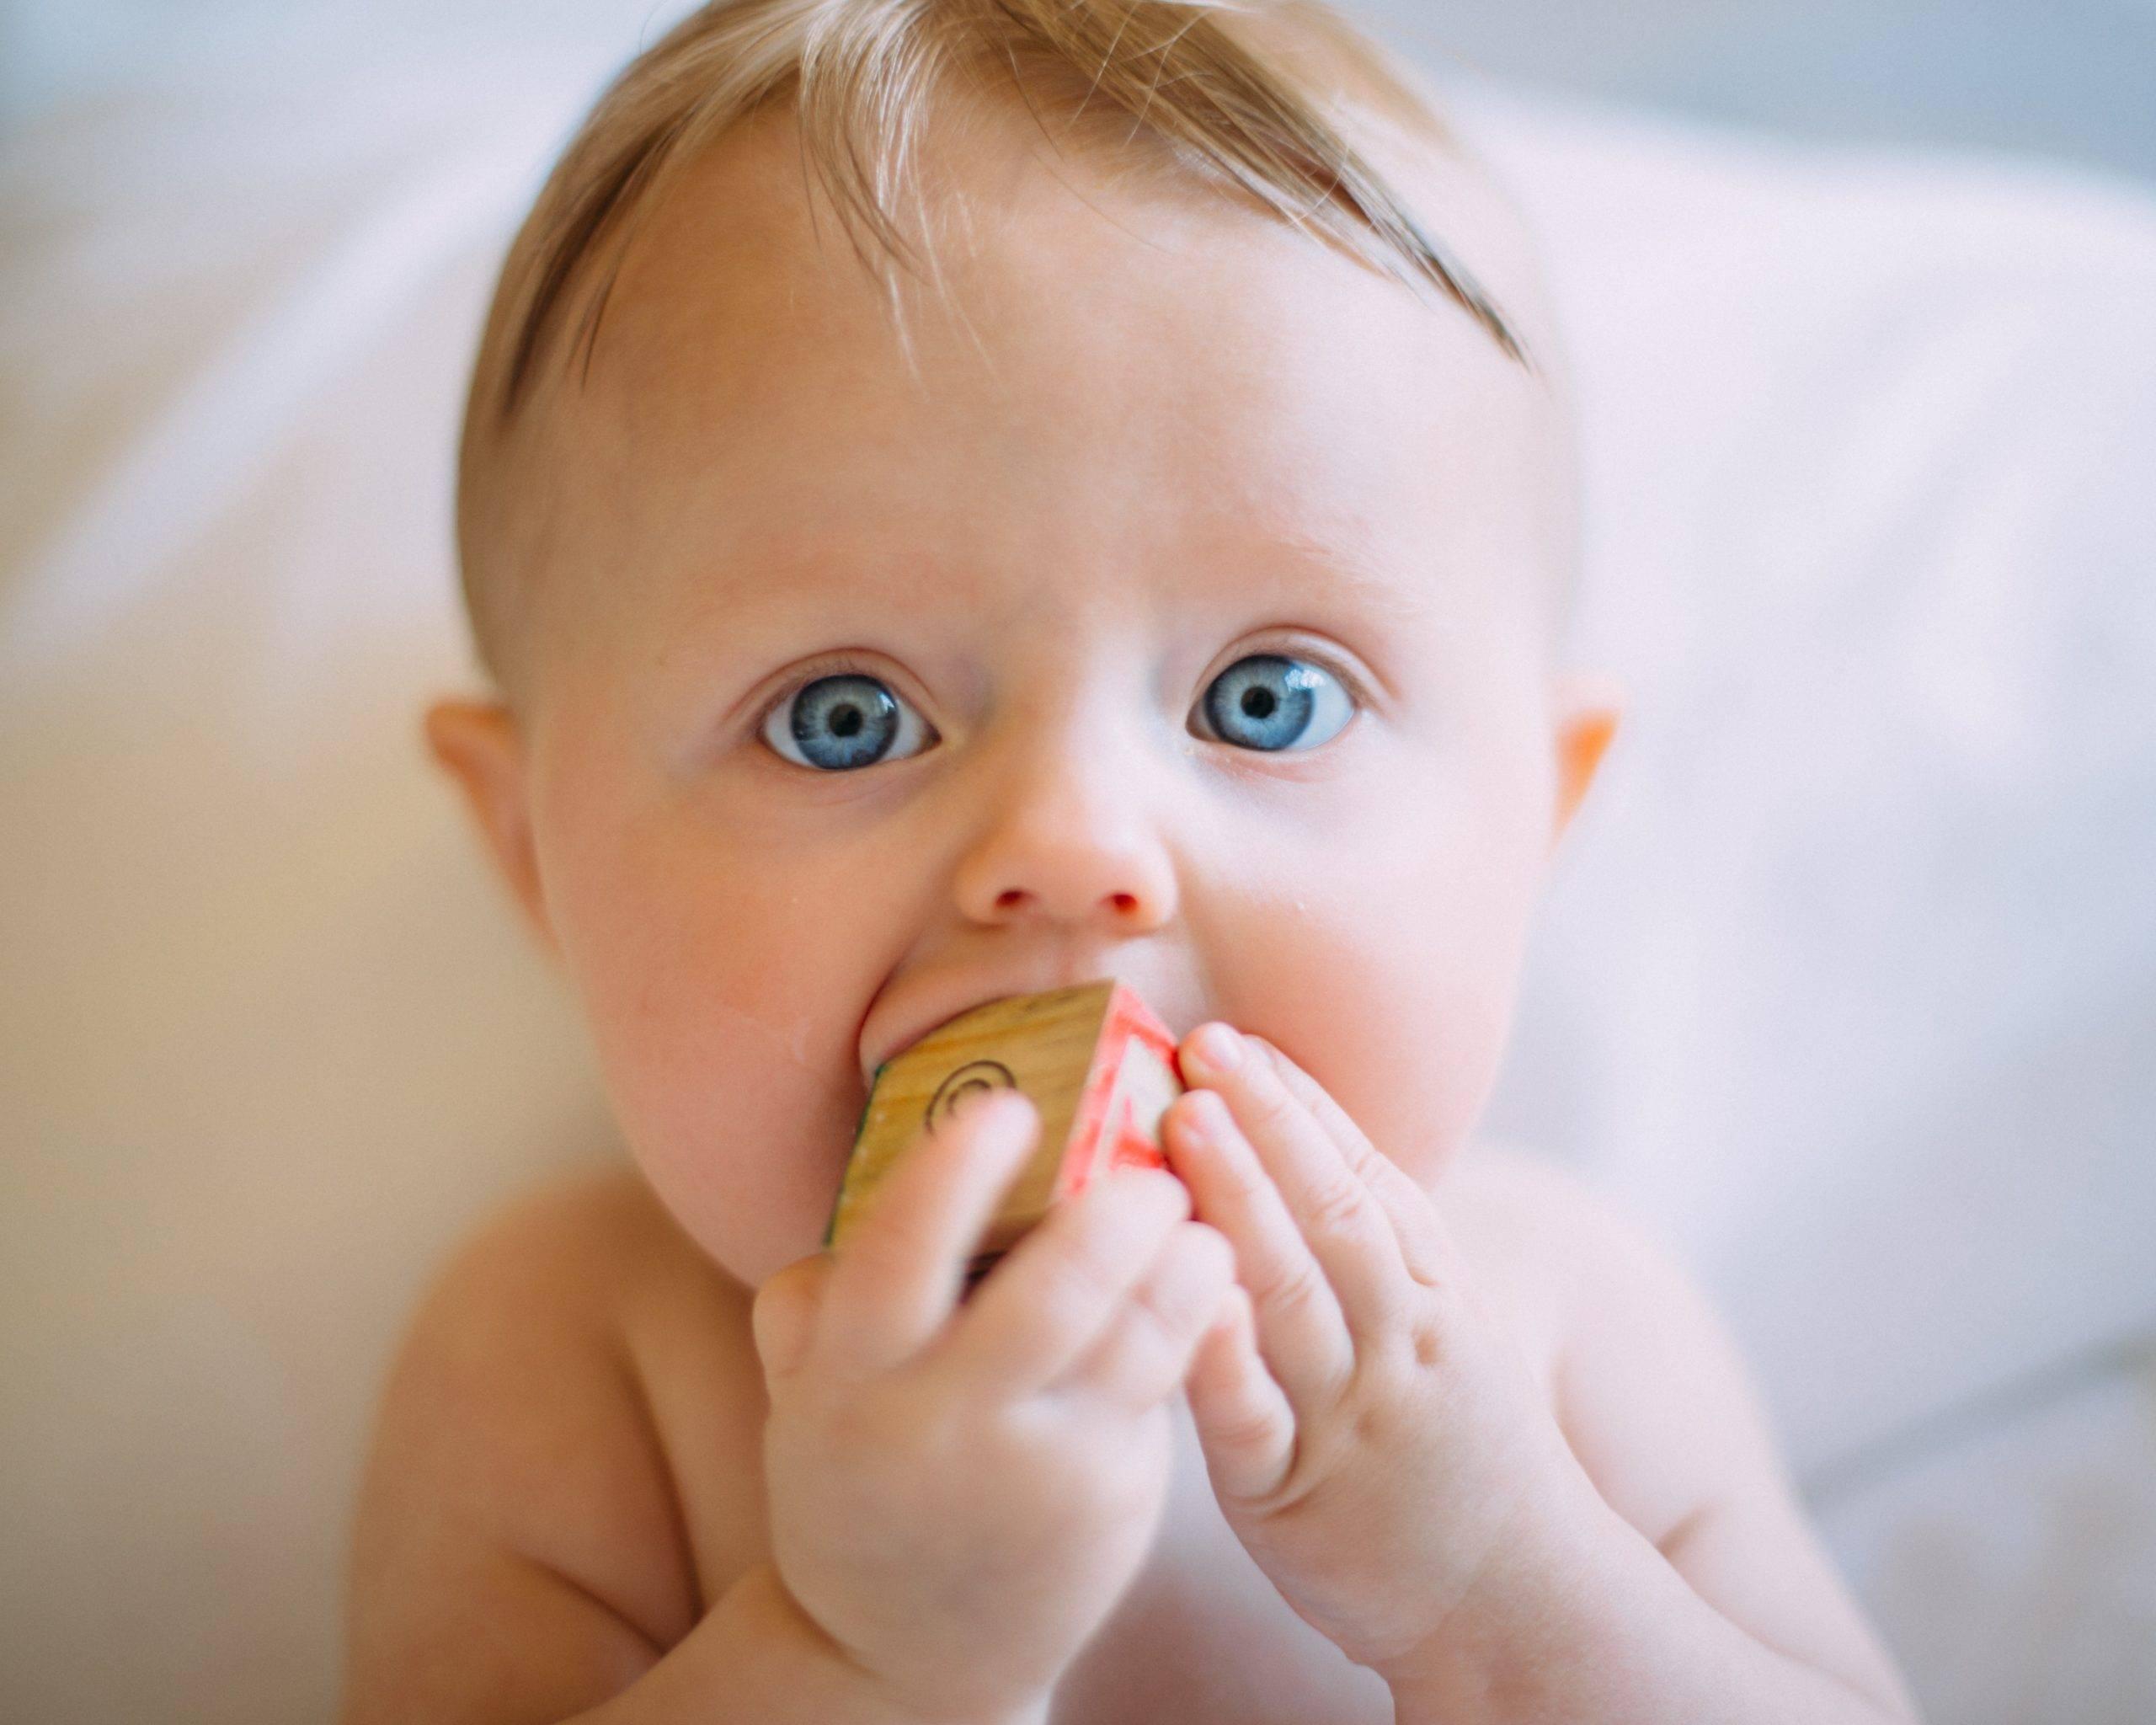 Зловонный понос у ребенка: что означает резкий неприятный запах при диарее